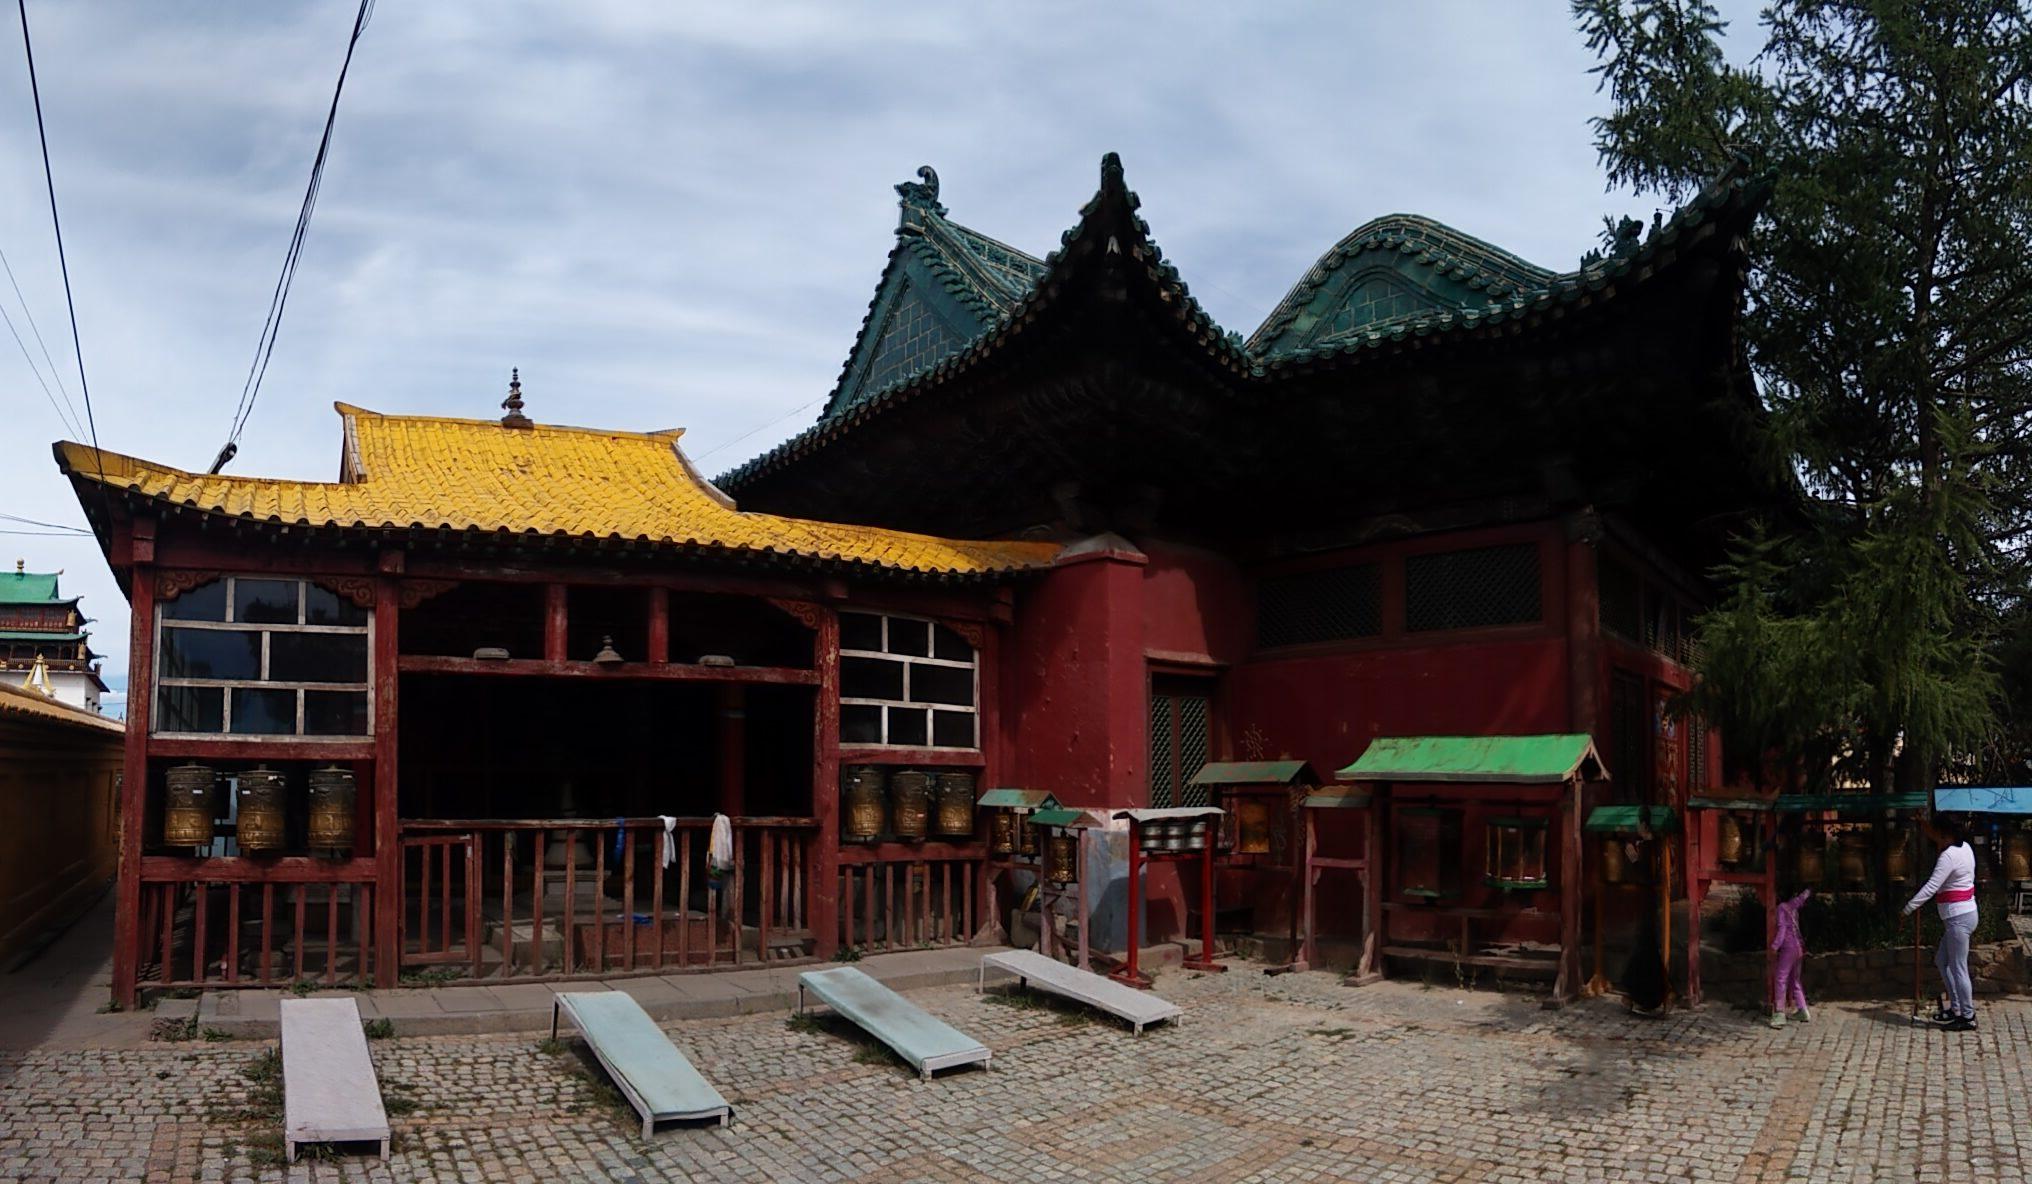 Temple in Ulan Bator